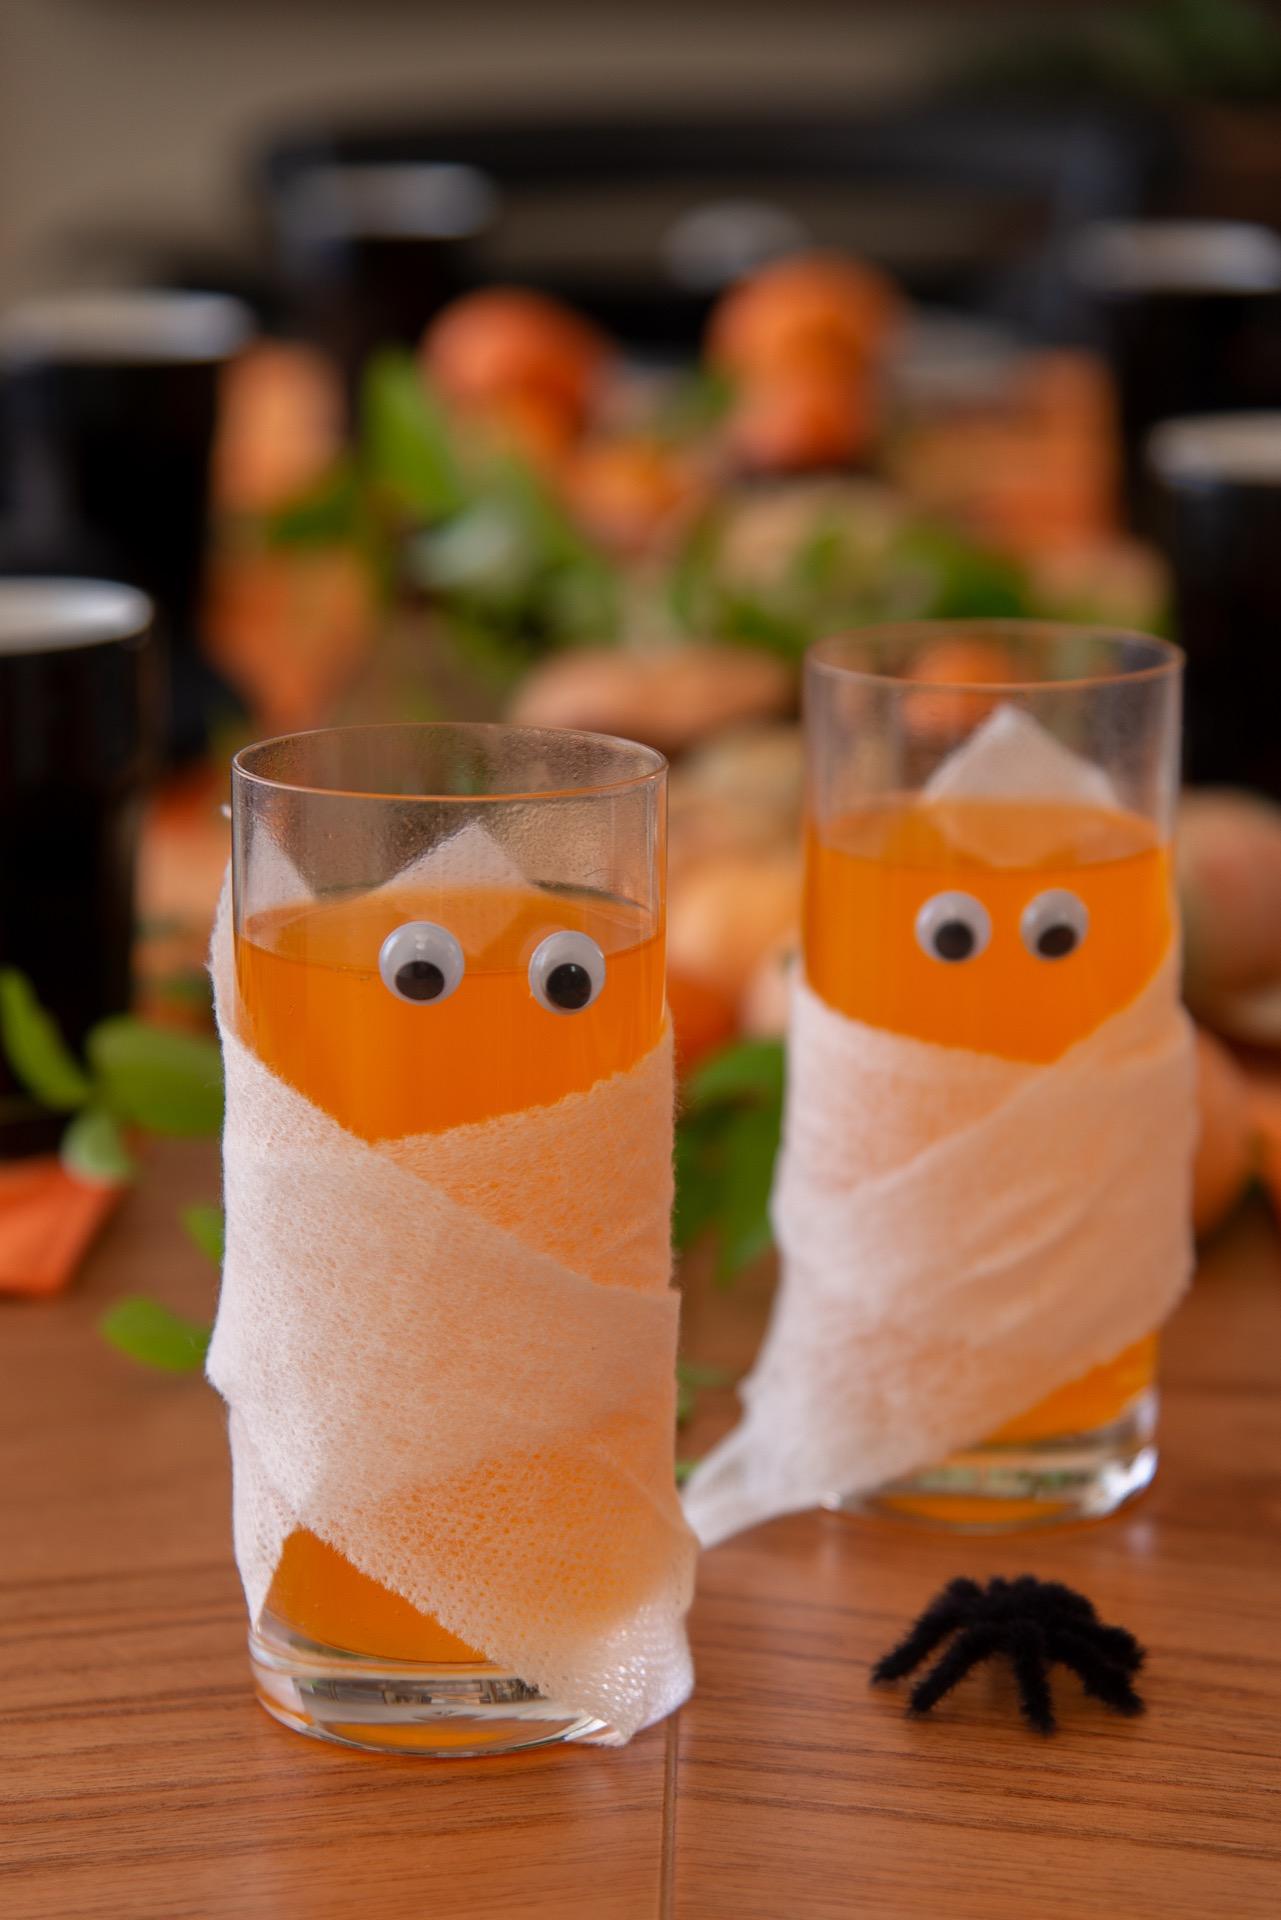 Imagem: Ideias criativas para a mesa de Halloween fazem o maior sucesso com os convidados. Para decorar os copos como múmias, basta enrolar uma gaze em volta do copo e colar os olhinhos. Foto: Cacá Bratke